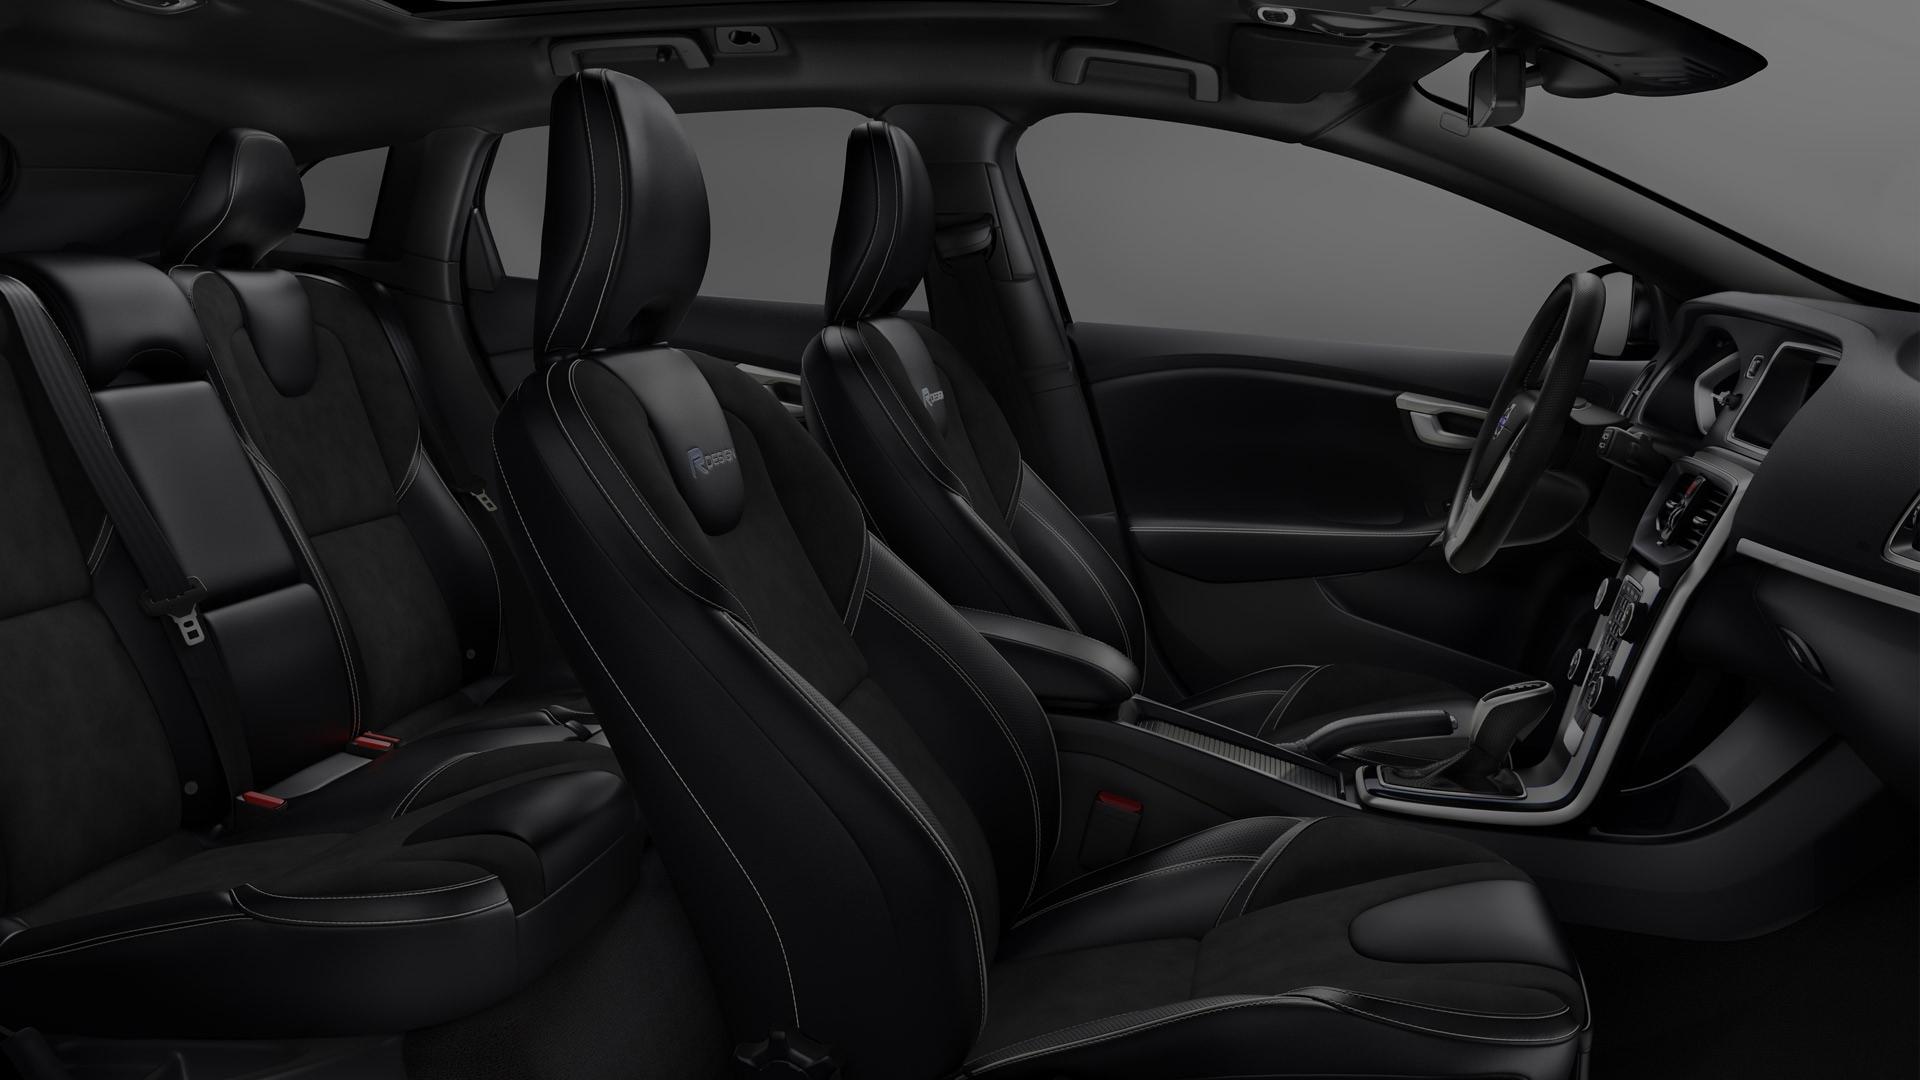 Auto___Volvo_Volvo_car_interior_100444_